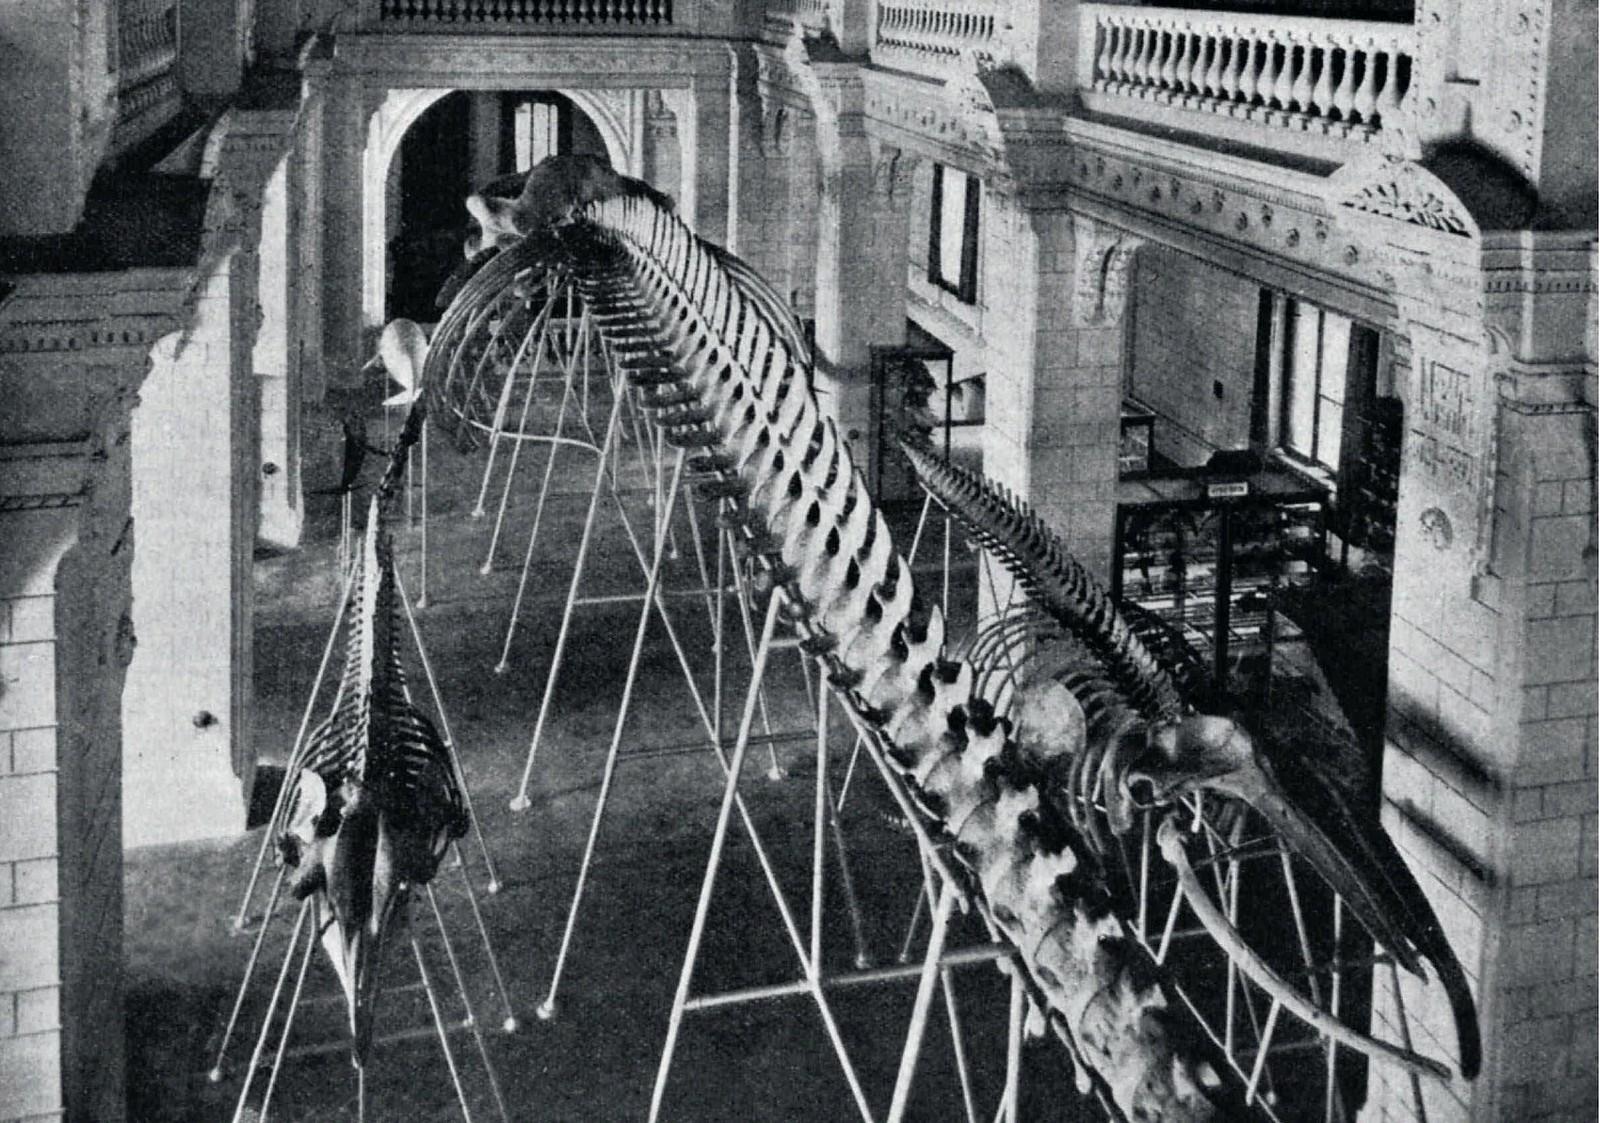 1901. Зоологический музей. Скелет полярного кита